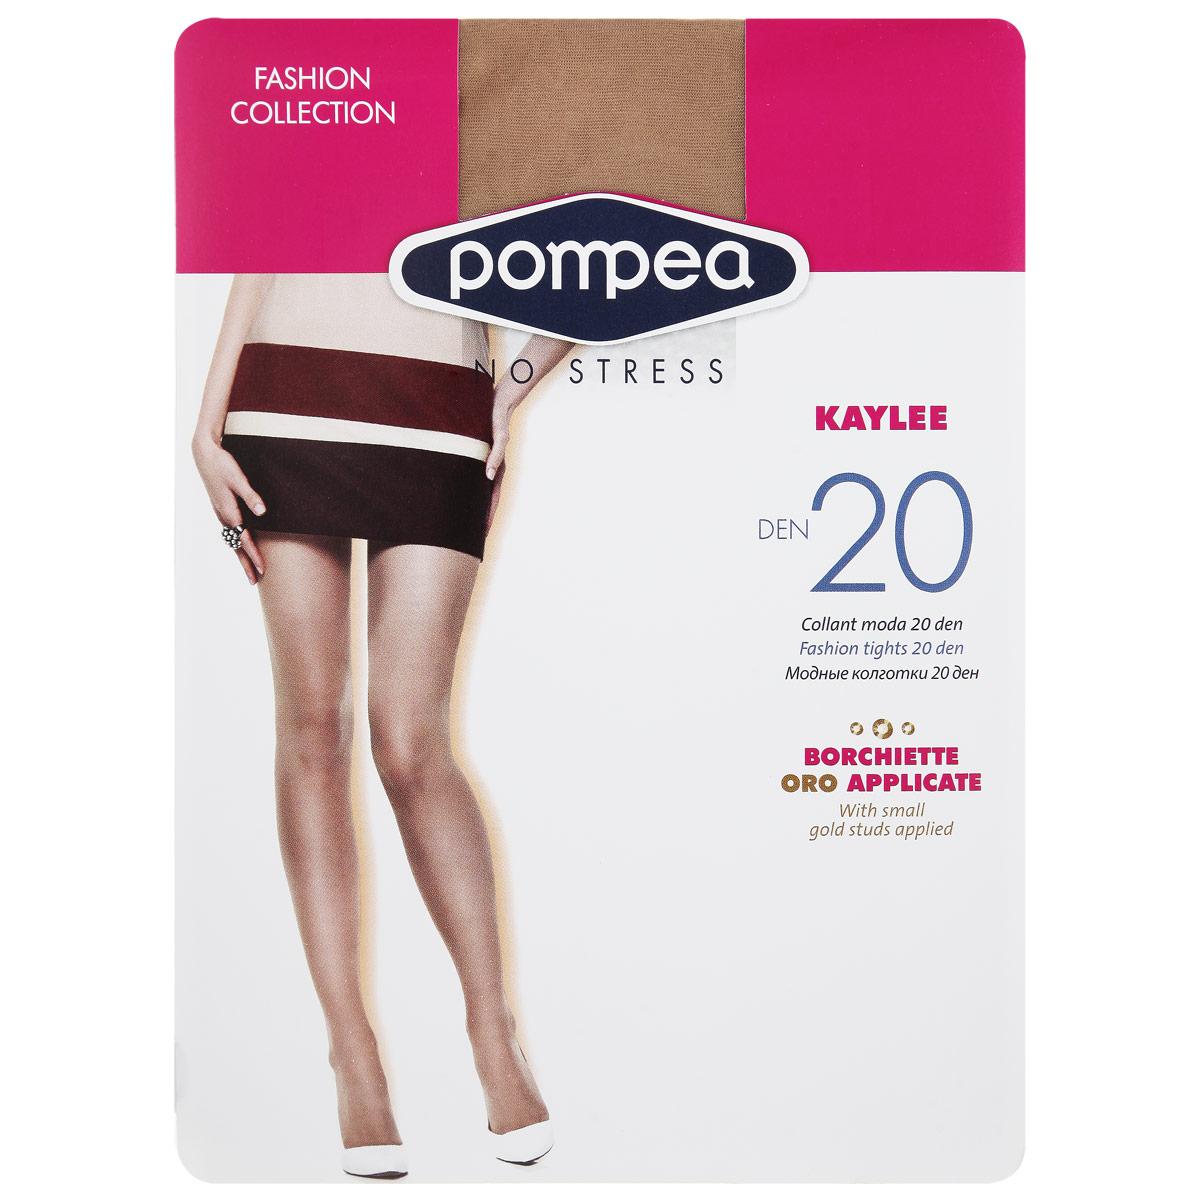 Колготки женские Pompea Kaylee Fashion 20, цвет: Naturale (натуральный). 90768872. Размер 3-4 (3/4 -ML) колготки glamuriki колготки фантазийные со стразами премиум